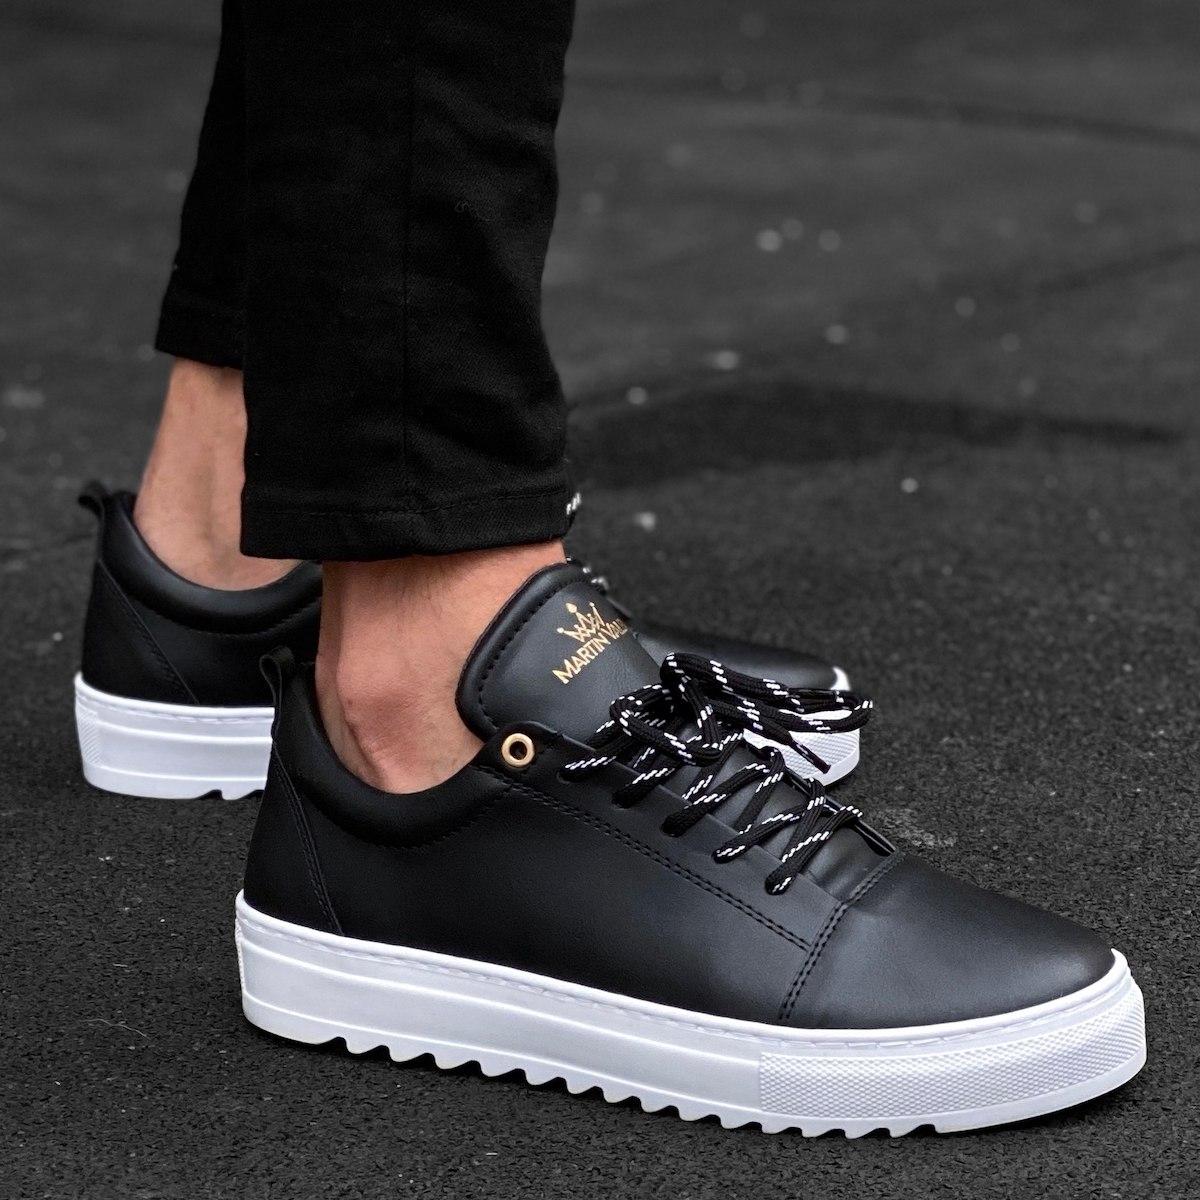 Men's Notch-Sole Sneakers In White & Black